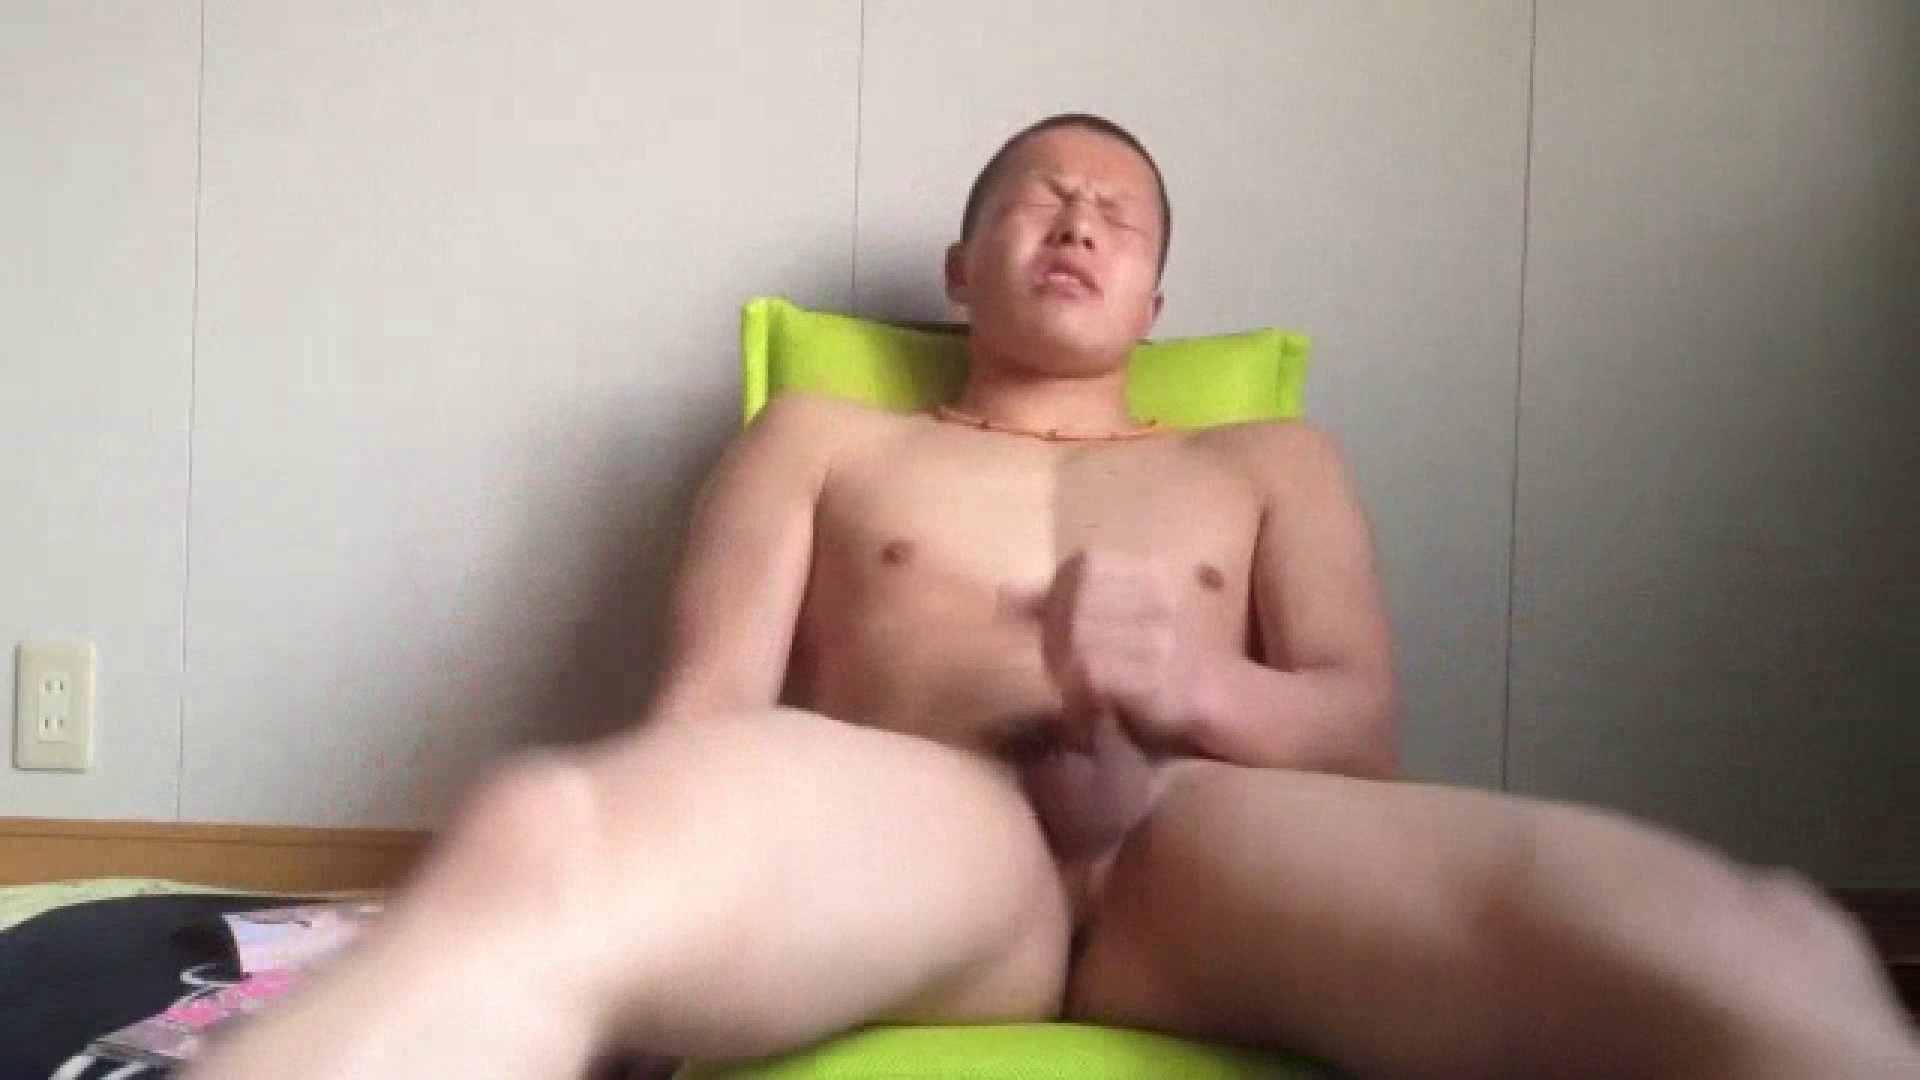 俺の新鮮なミルクはいかが? Vol.11 男天国 | オナニー特集  83pic 27